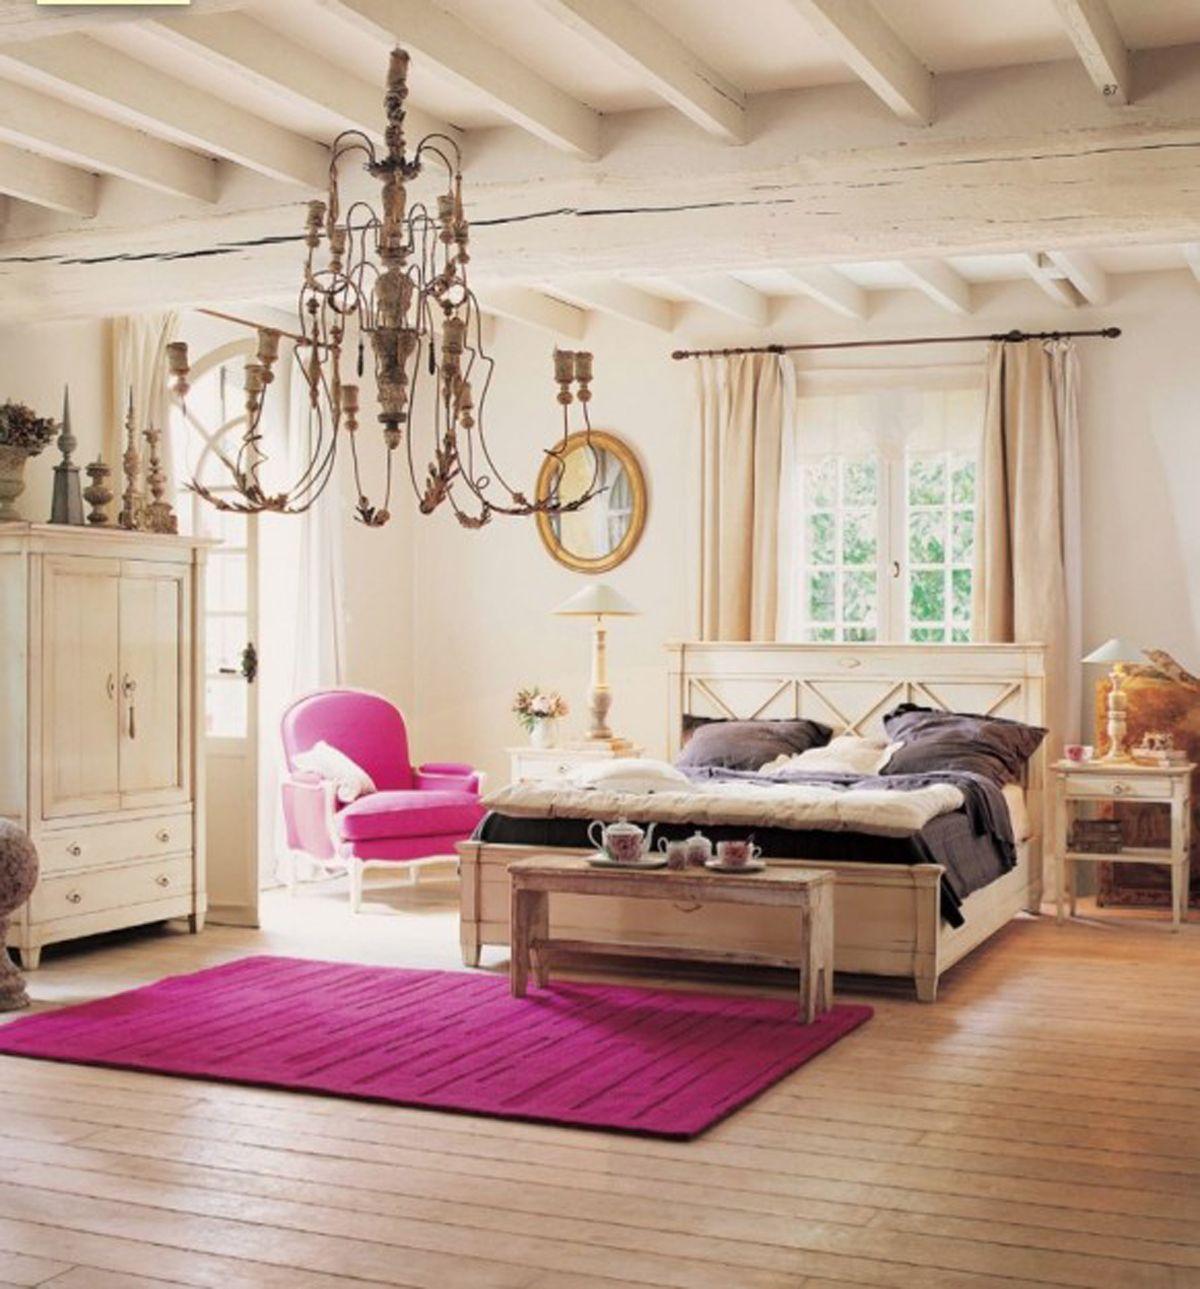 Las vigas, la lámpara, los detalles, los muebles, el toque de color... Un increíble dormitorio ejemplo de este estilo.